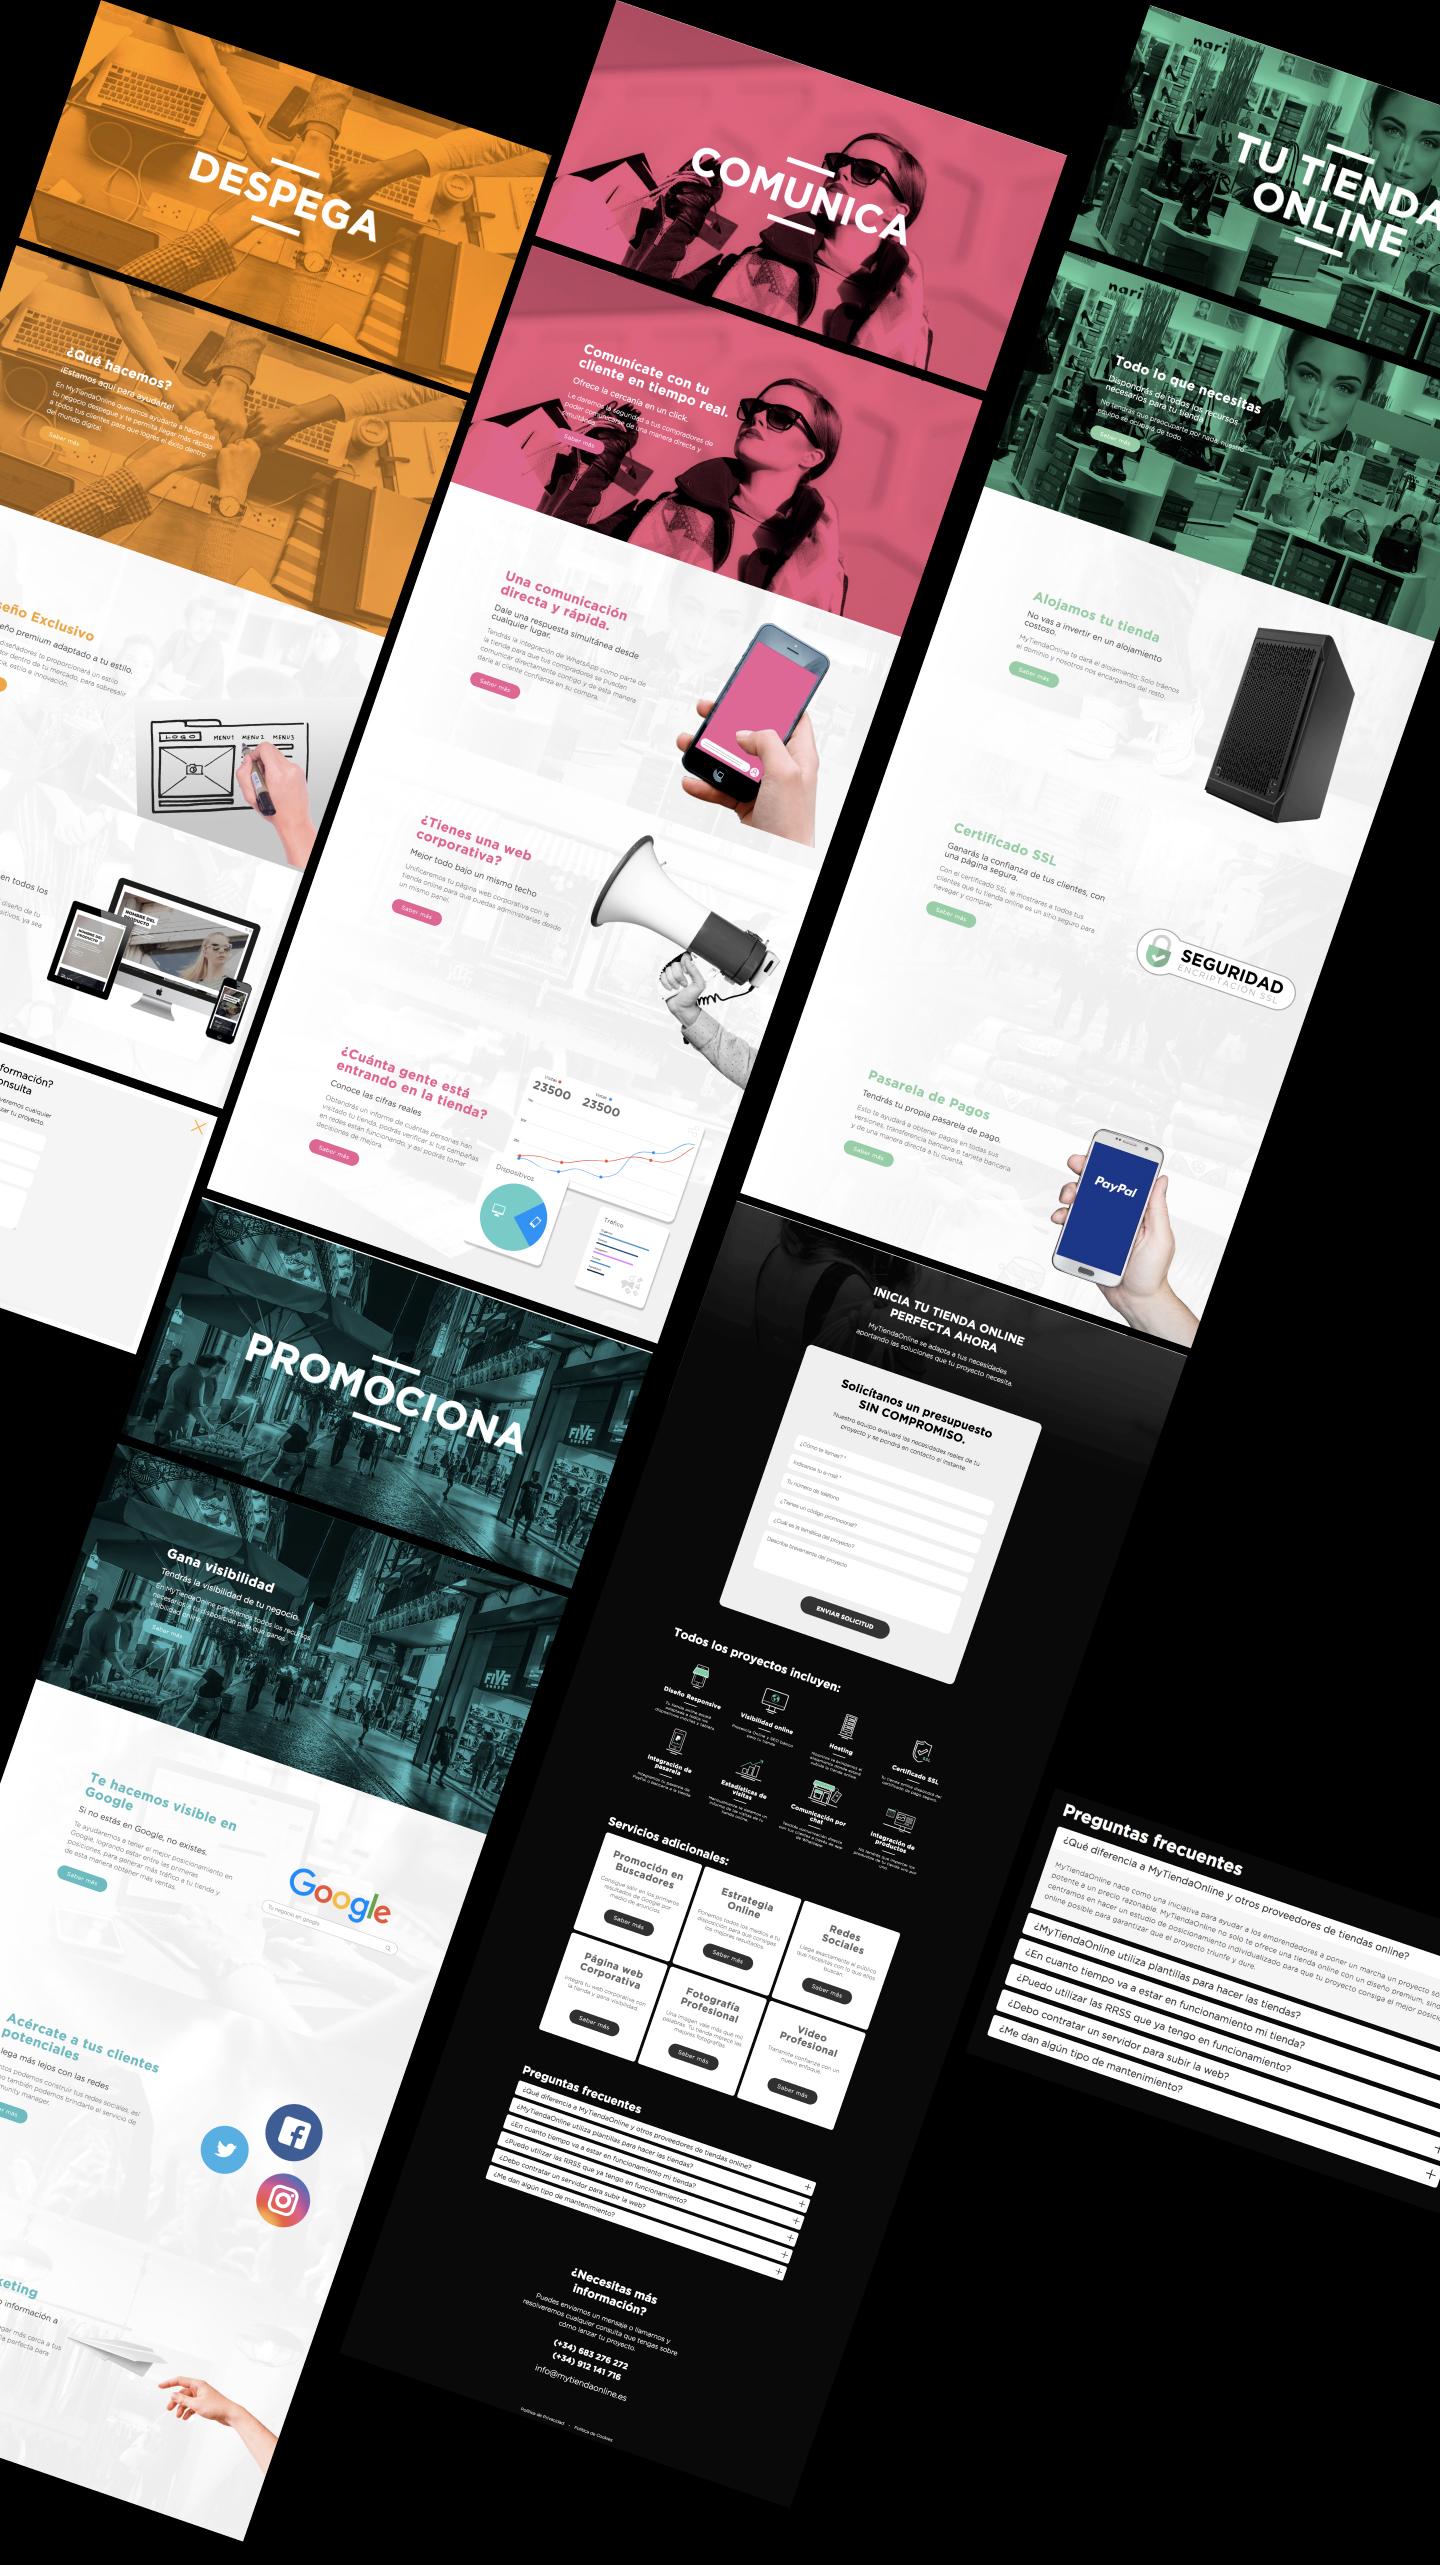 Estudio de diseño. Programación de tiendas online en Murcia. Programador freelance en Murcia, Madrid y Panamá City - PTY | Nómadas Comunicación Creativa